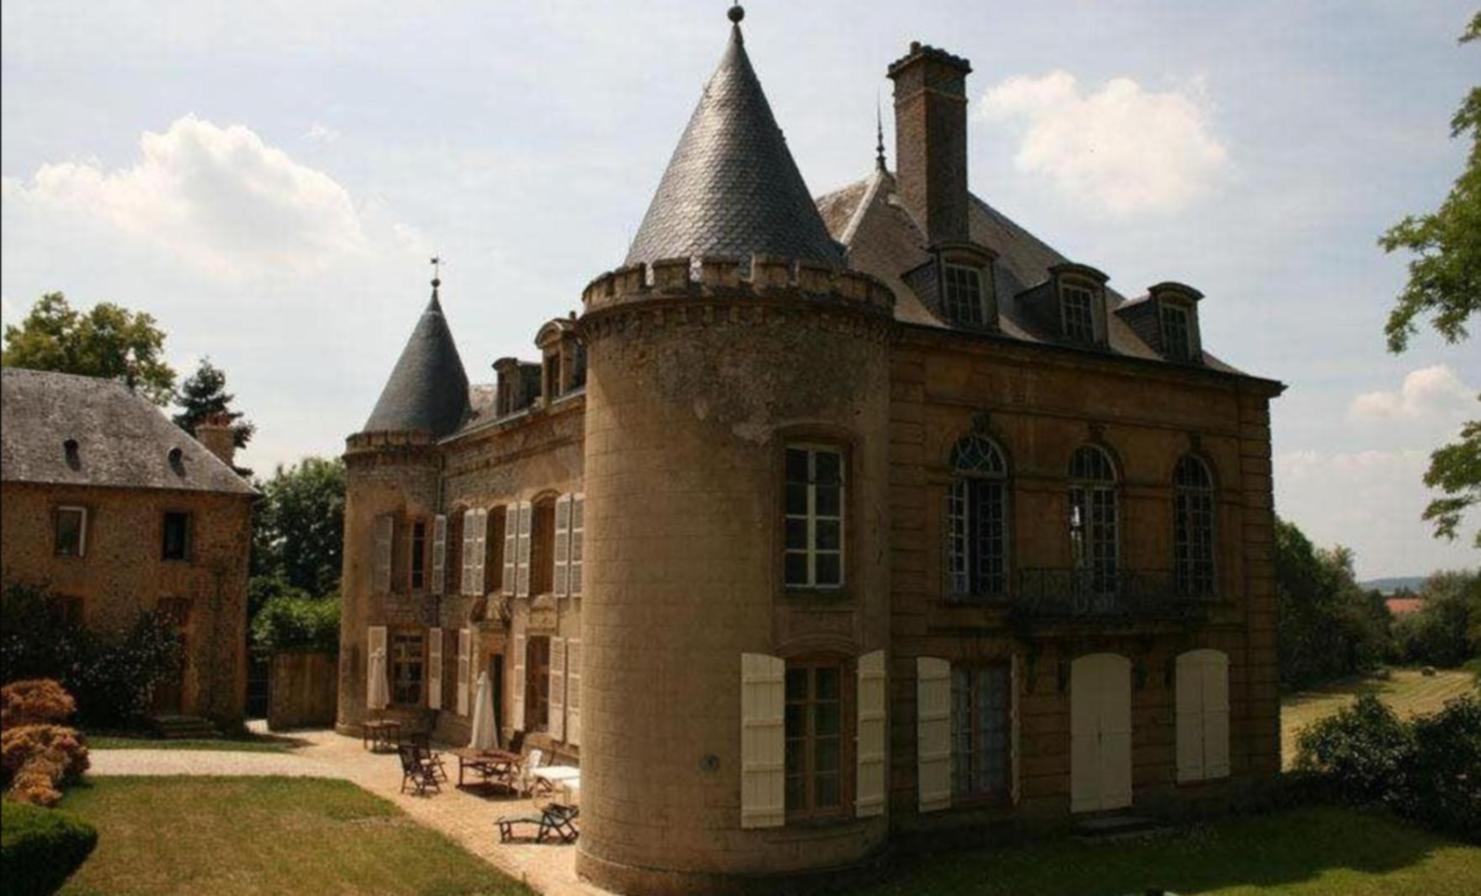 A large brick building with a clock tower at Chateau de villette.